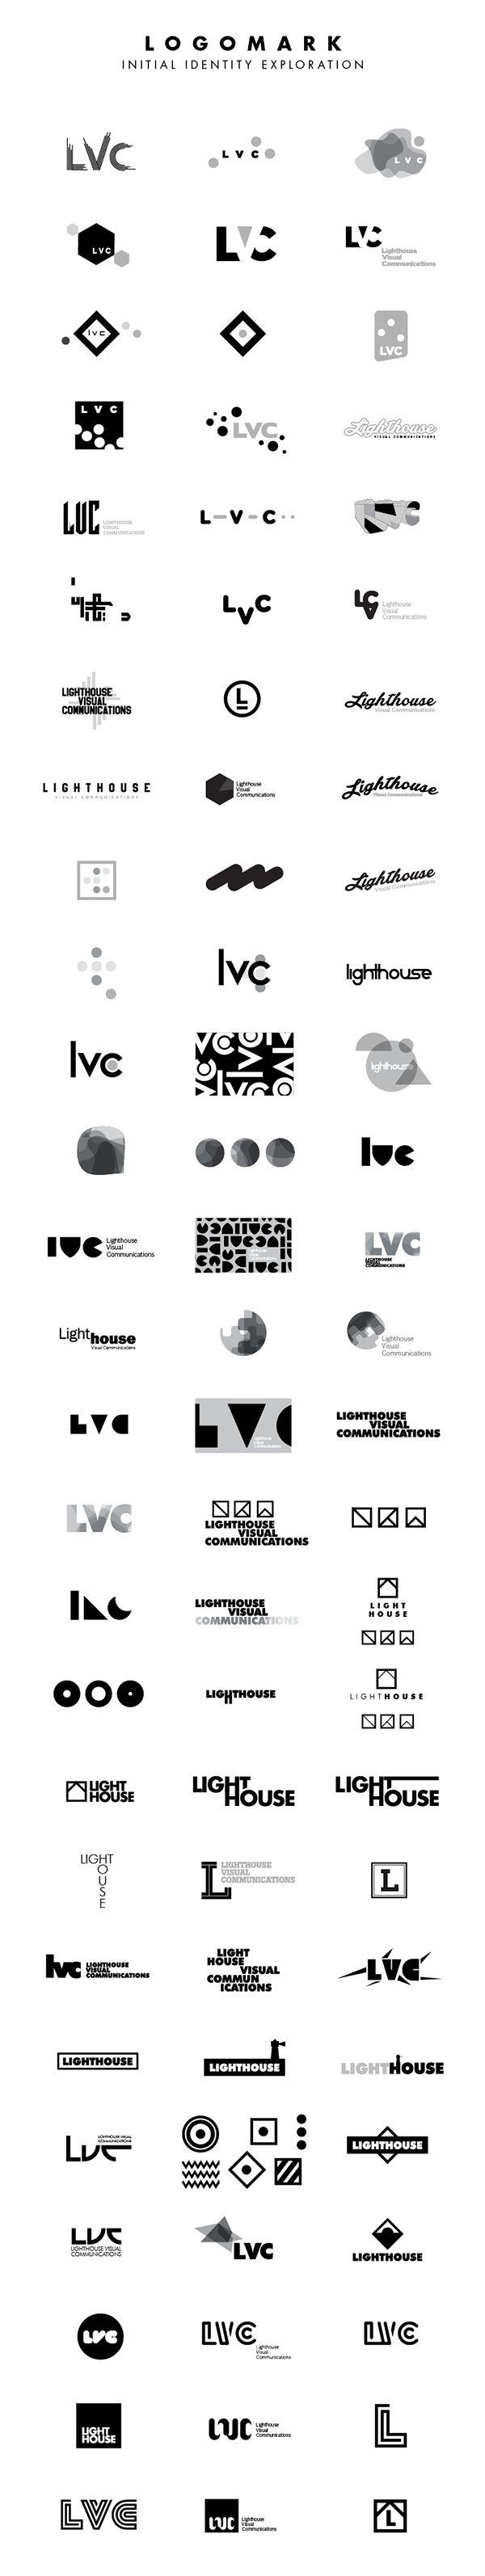 https://www.behance.net/gallery/23337873/LVC-Branding